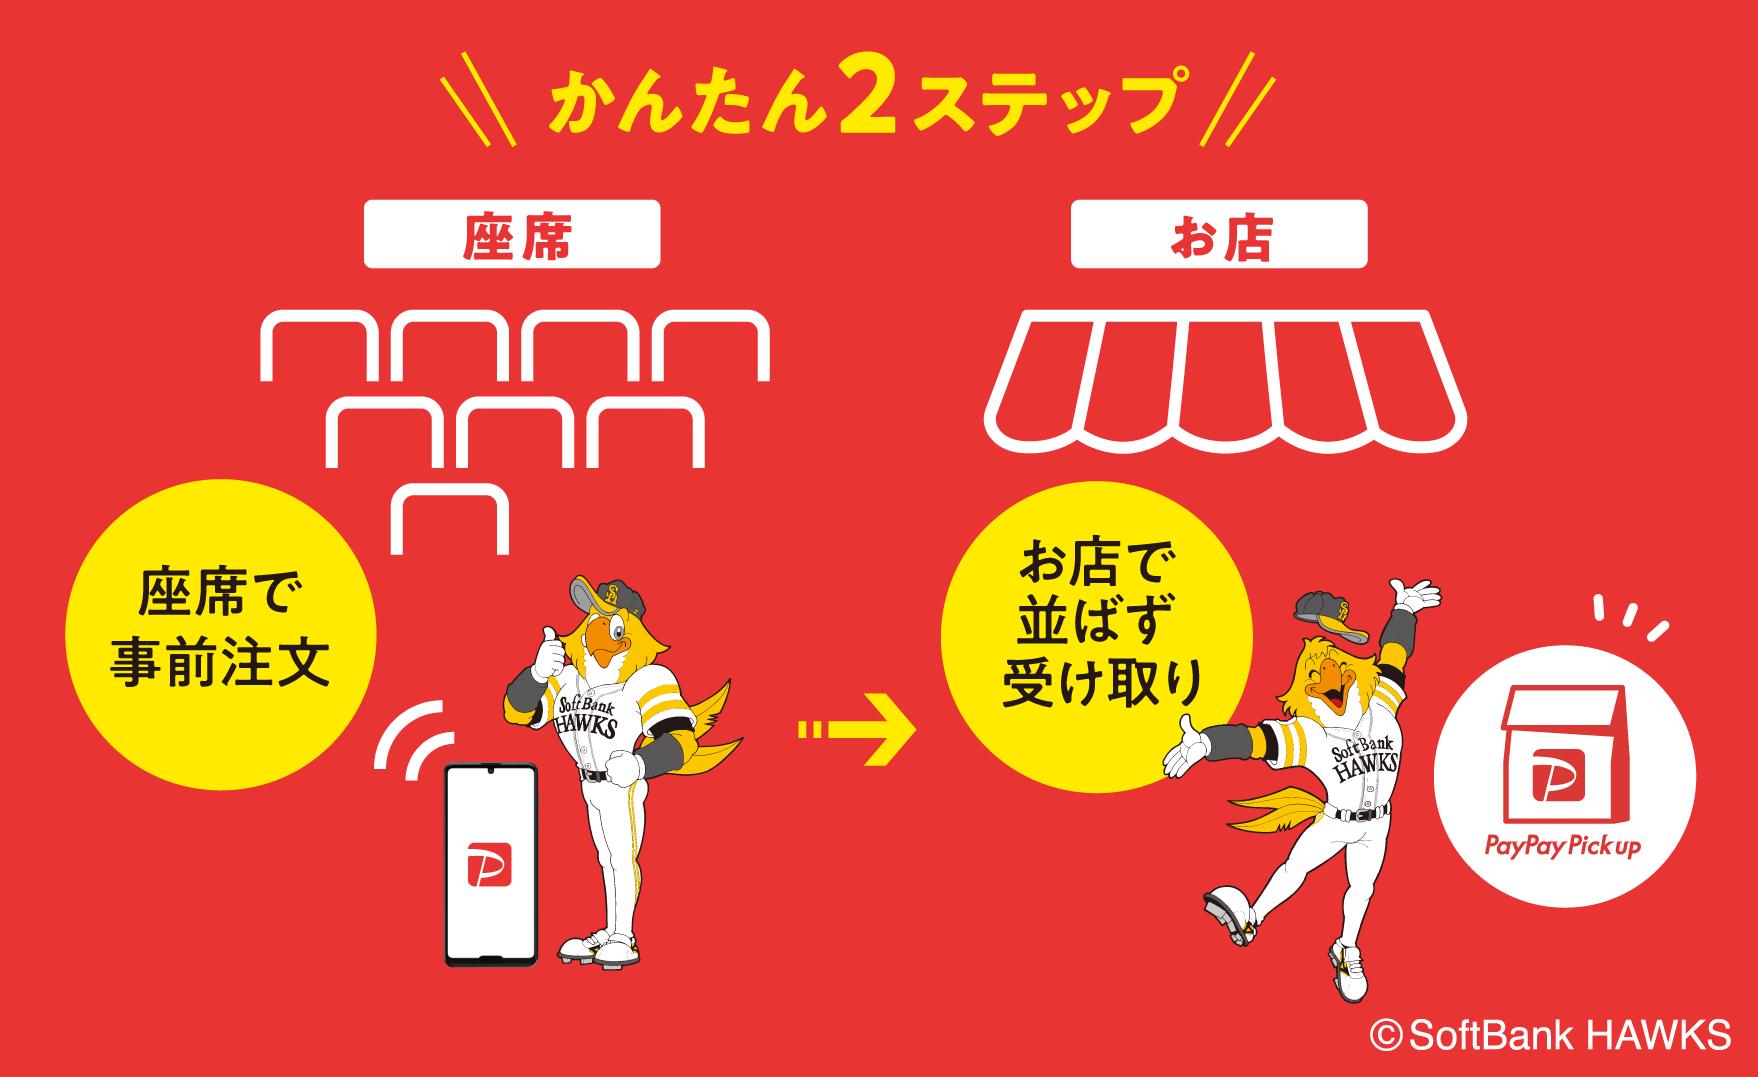 かんたん2ステップ 座席で事前注文→お店で並ばず受け取り